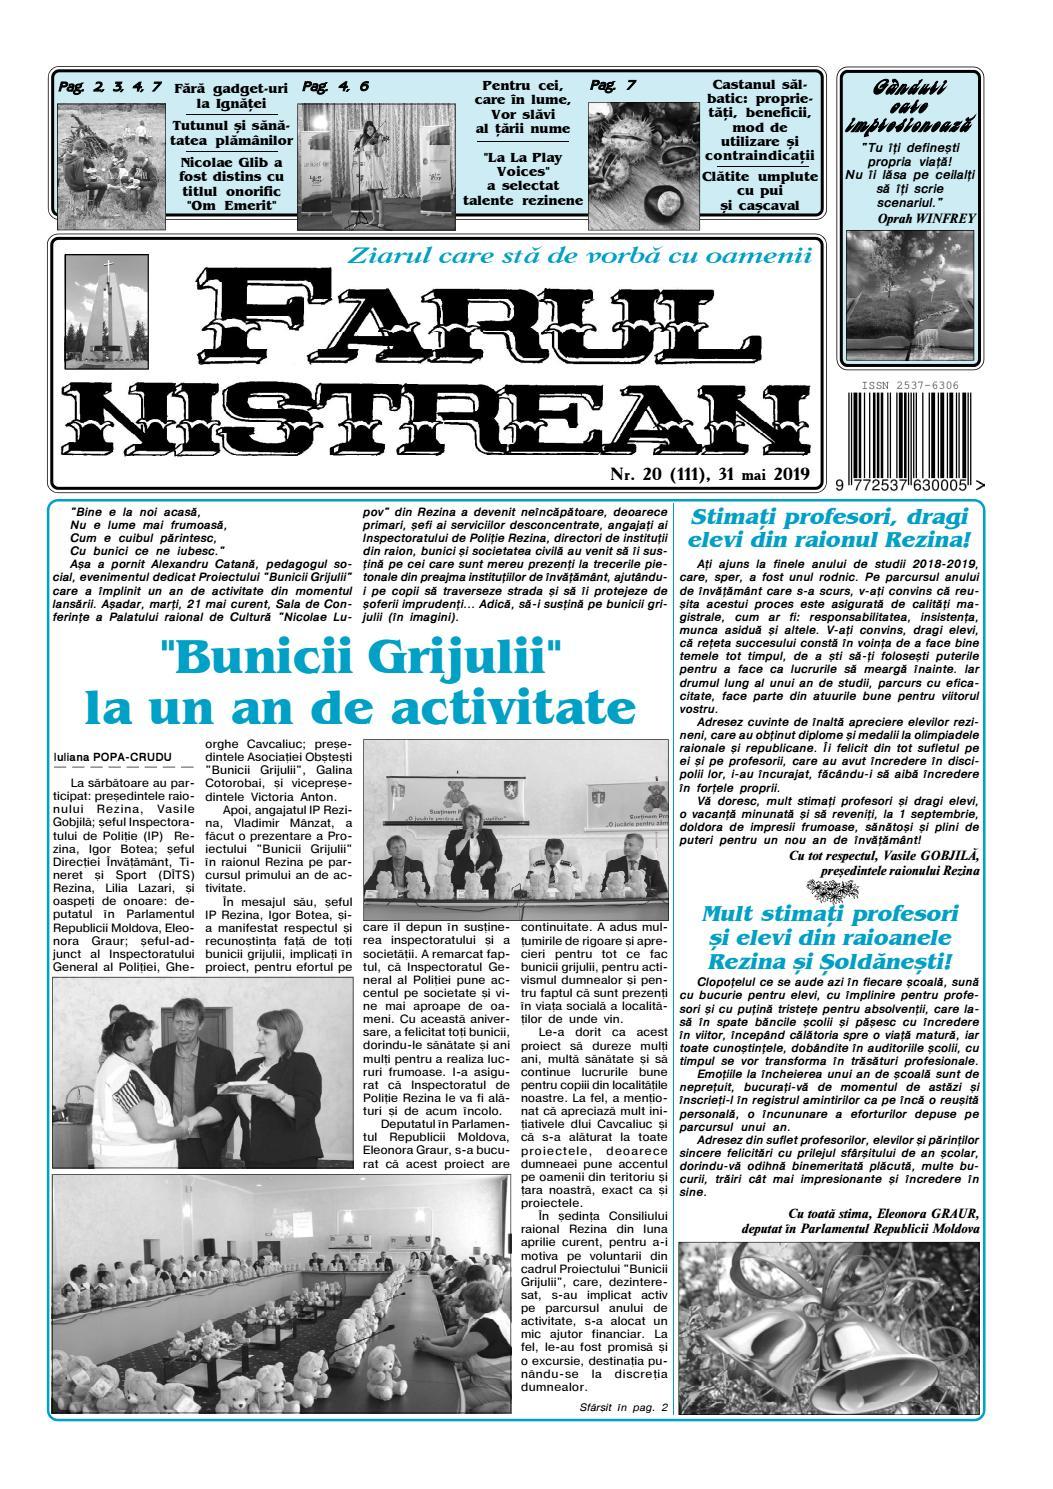 Tratamentul varicelor | RFI România: Actualitate, informaţii, ştiri în direct